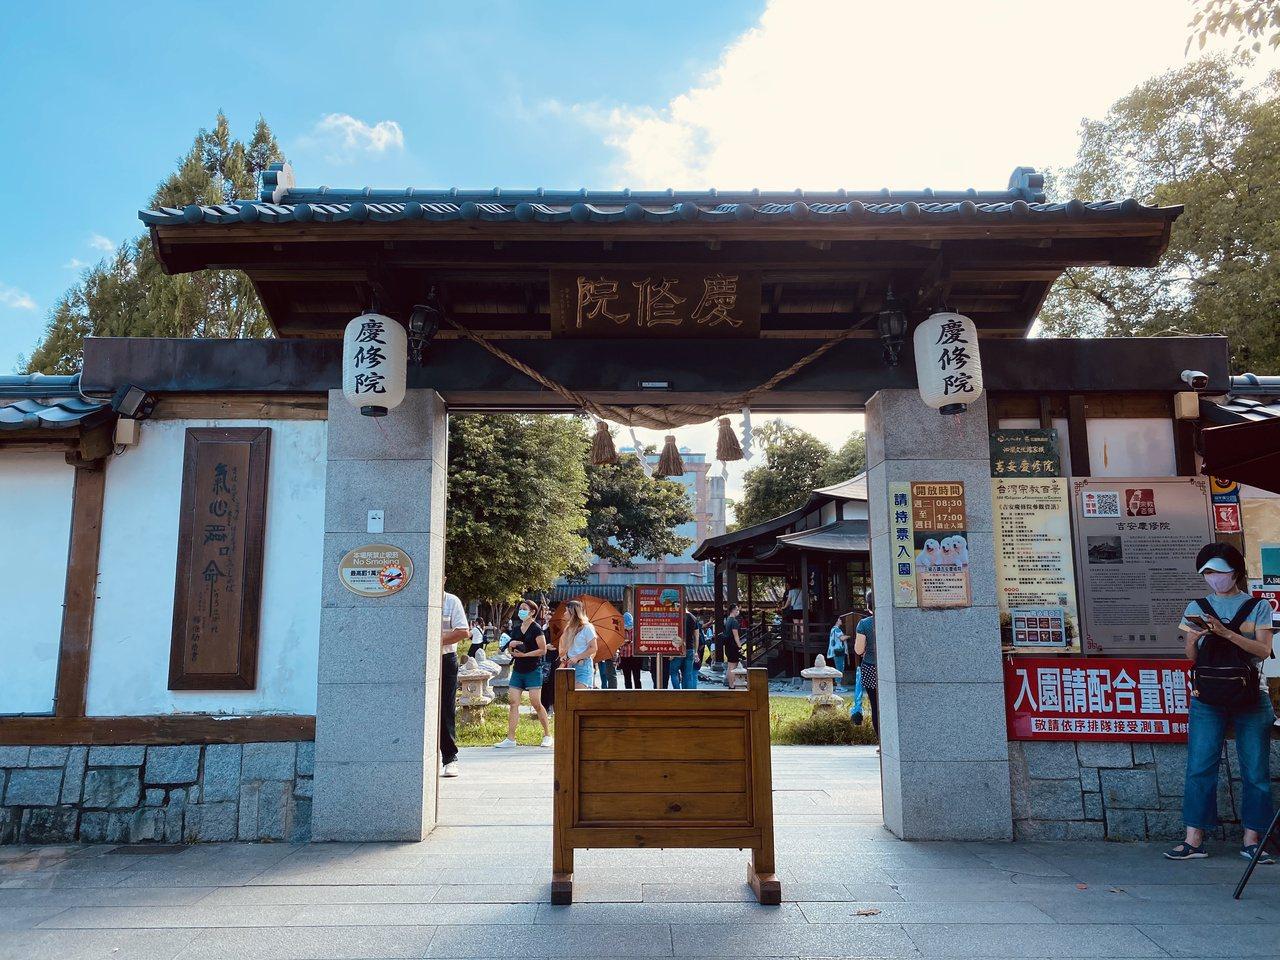 花蓮慶修院是縣定古蹟,充滿濃濃日本風情。 圖/王思慧 攝影